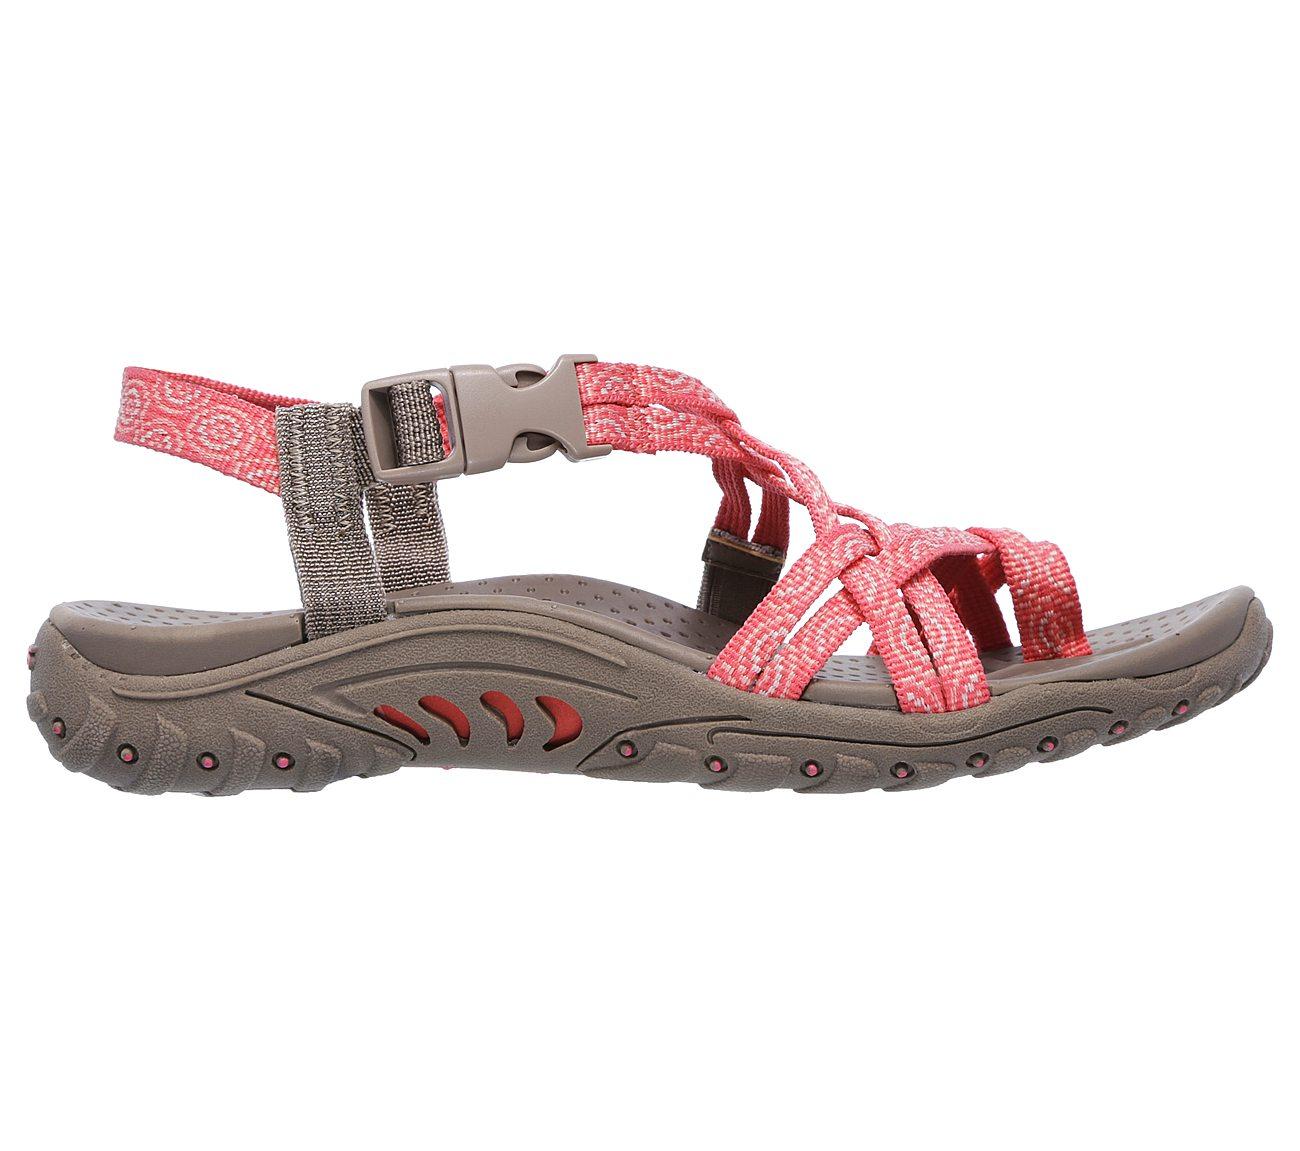 Aliexpress.com : Buy Womens sandals Sexy Women High heels Sandal woman Thin heel Sandals Woman